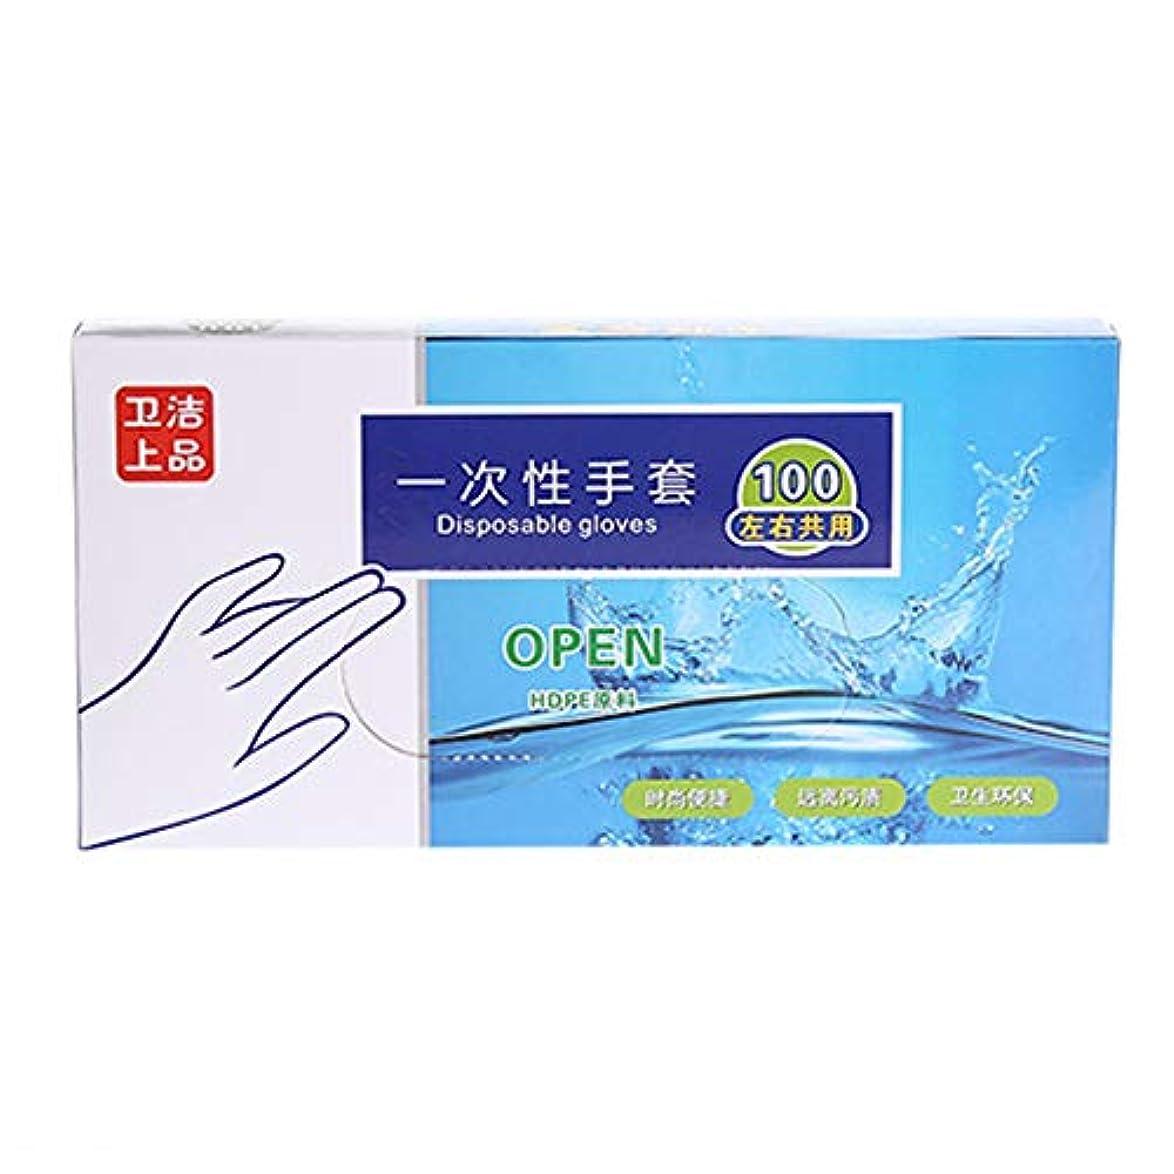 見える抑制するクライストチャーチ使い捨て手袋 100枚 2パック 入フリーサイズ グローブ ポリエチレン手袋 左右兼用 ポリエチレン PE 実用 衛生 調理 清掃 染髪